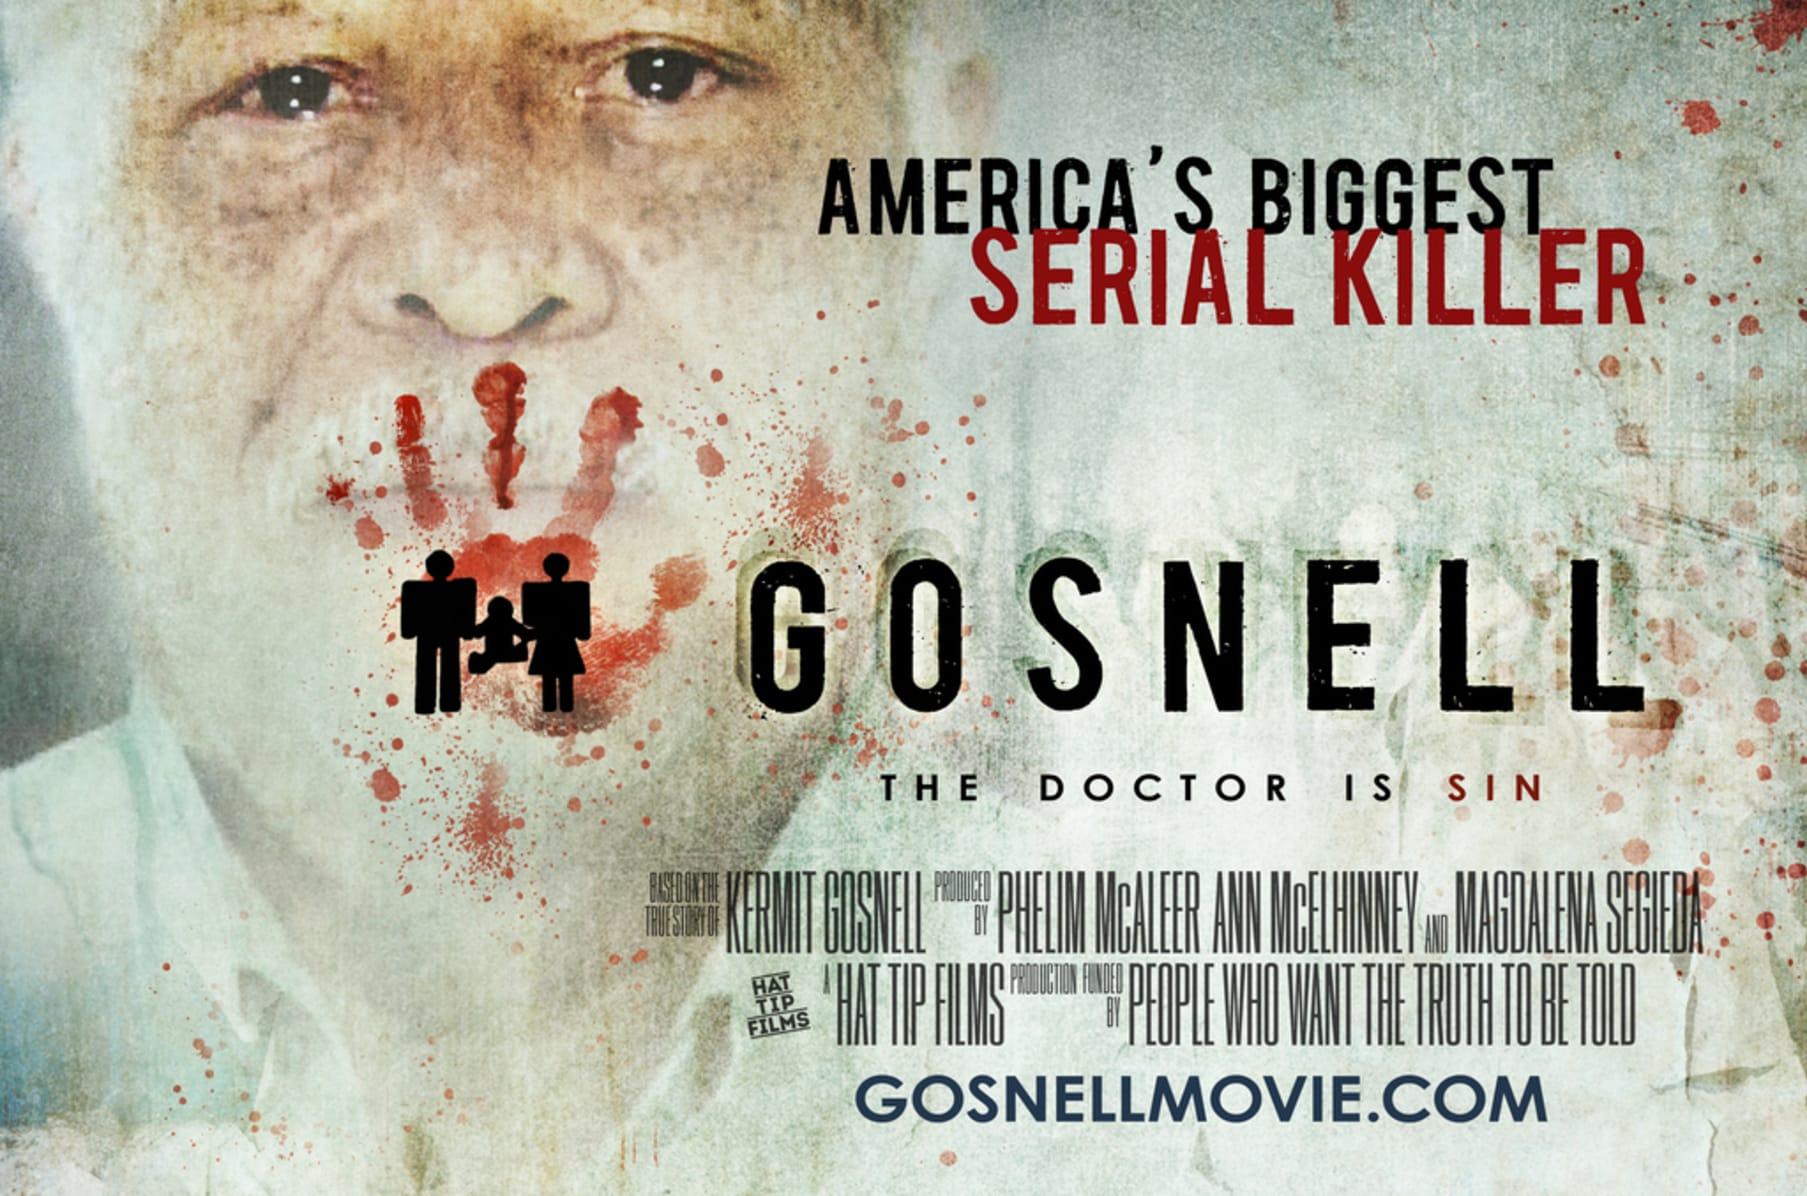 Gosnell Movie | Indiegogo